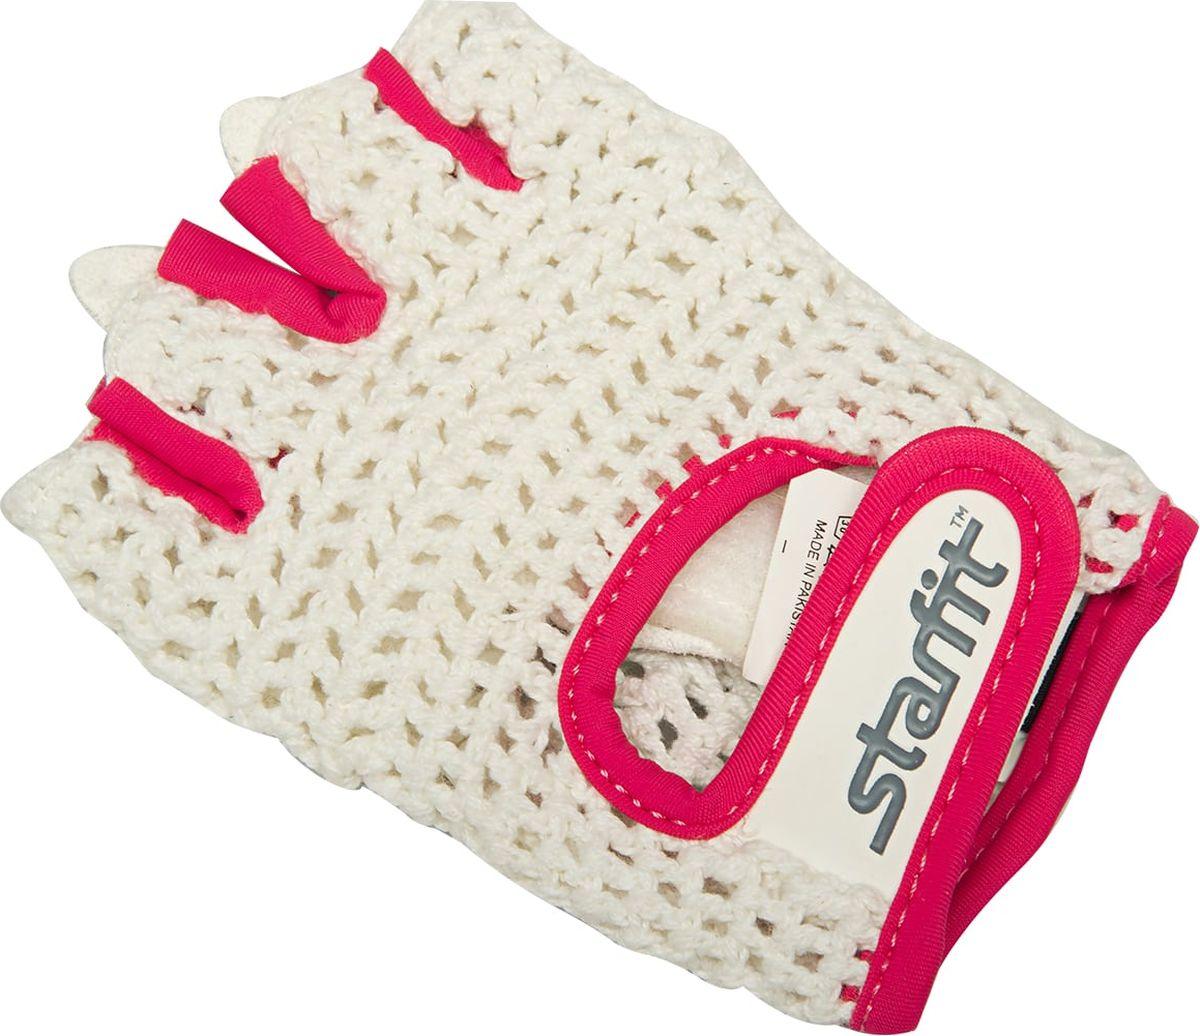 Перчатки для фитнеса женские Starfit SU-110, цвет: белый, розовый. Размер MУТ-00009562Перчатки для фитнеса женские Starfit SU-110 выполнены из хлопка, полиуретана и нейлона. Они необходимы для безопасной тренировки со снарядами (грифы, гантели), во время подтягиваний и отжиманий. Перчатки минимизируют риск мозолей и ссадин на ладонях. Удобный ремешок на липучке для плотной посадки на запястье.